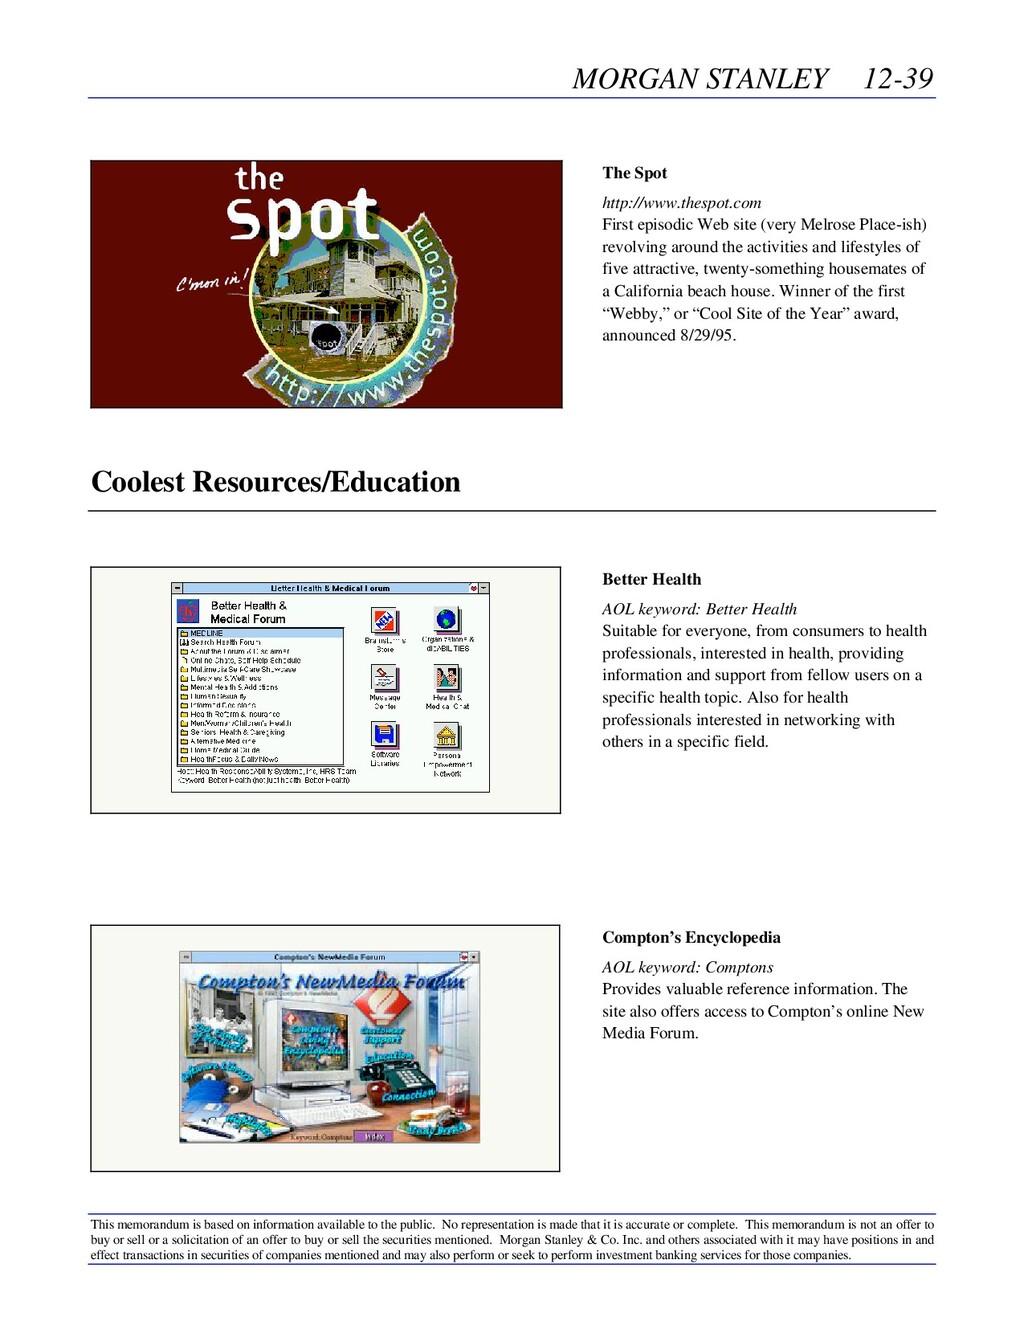 MORGAN STANLEY 12-39 This memorandum is based o...